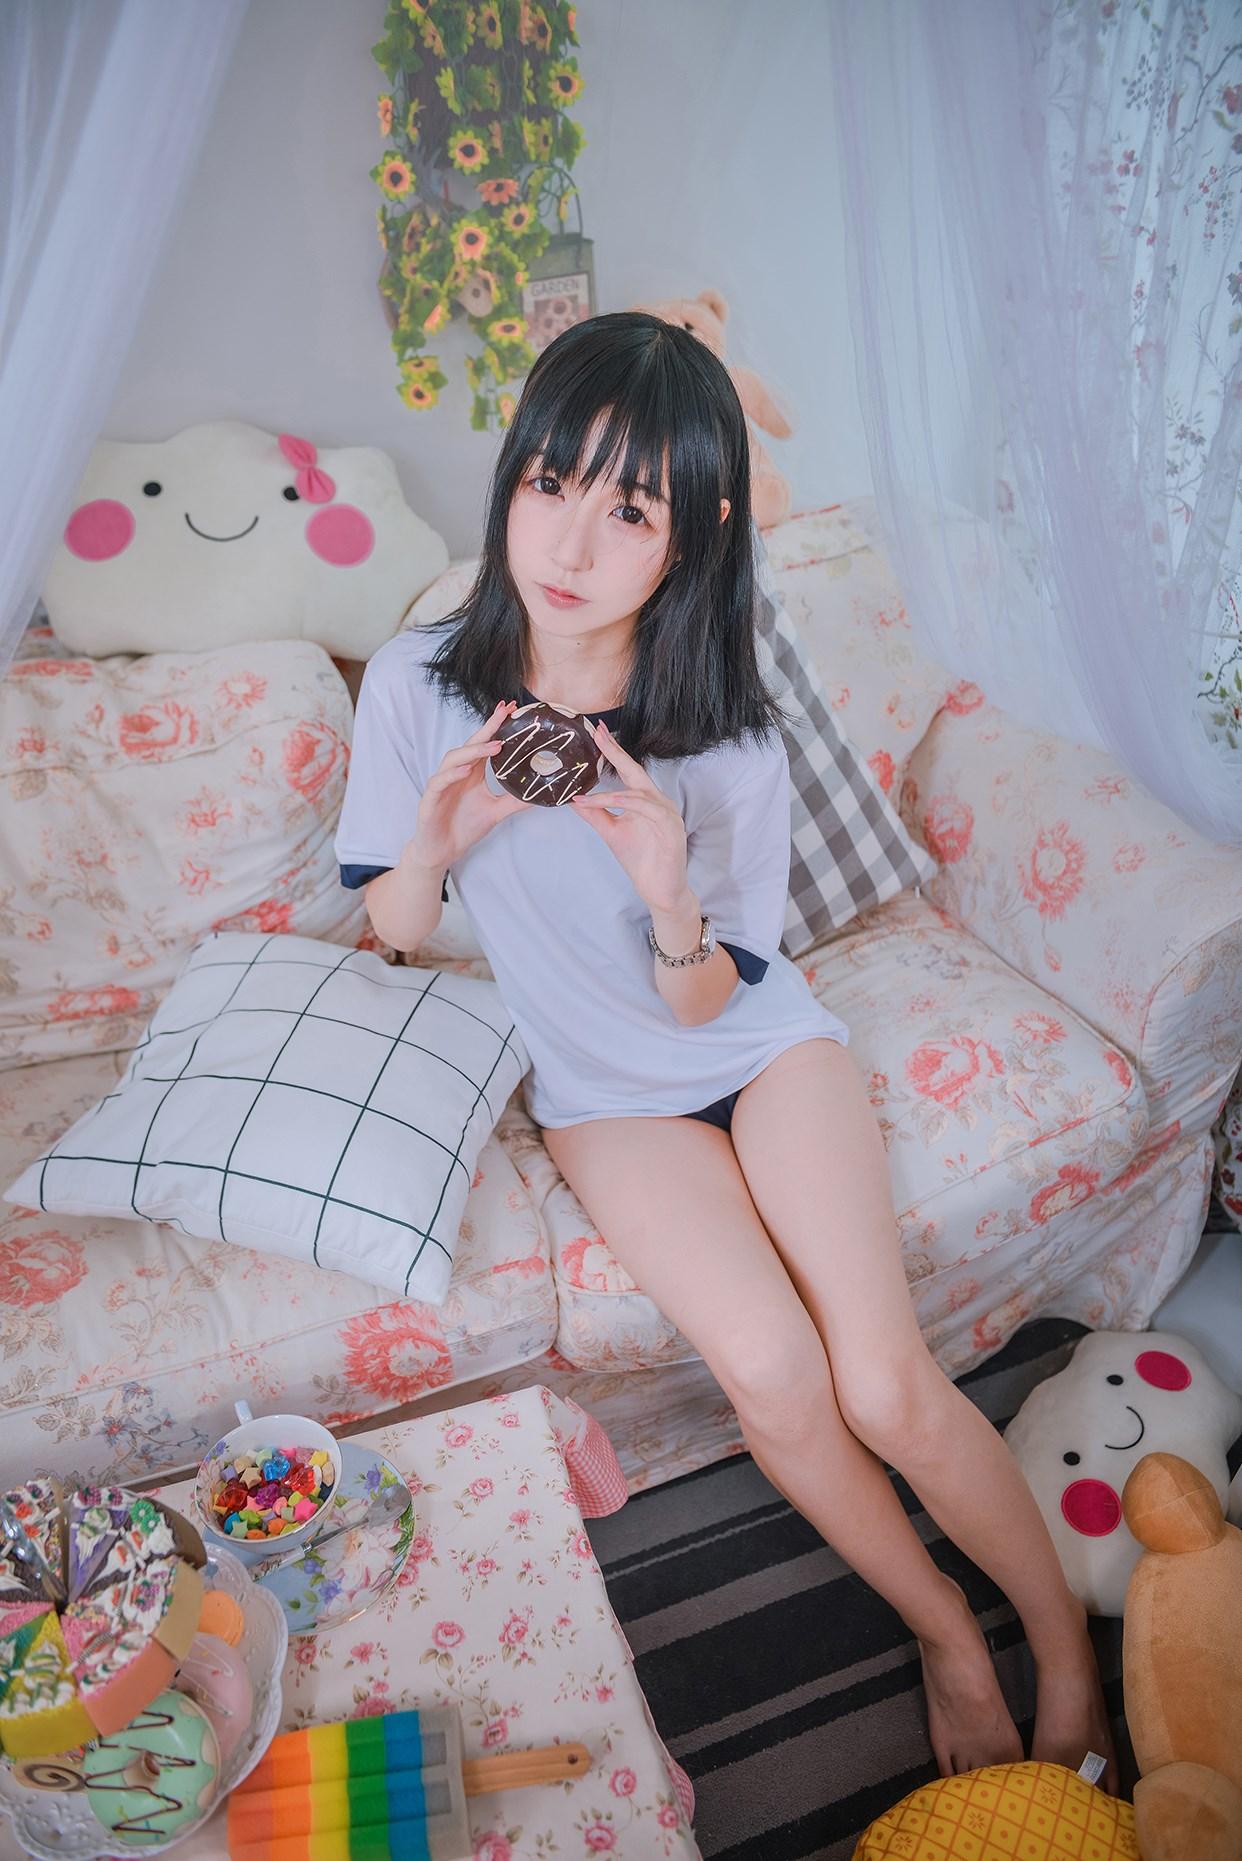 【兔玩映画】浴缸里的萝莉喵 兔玩映画 第29张